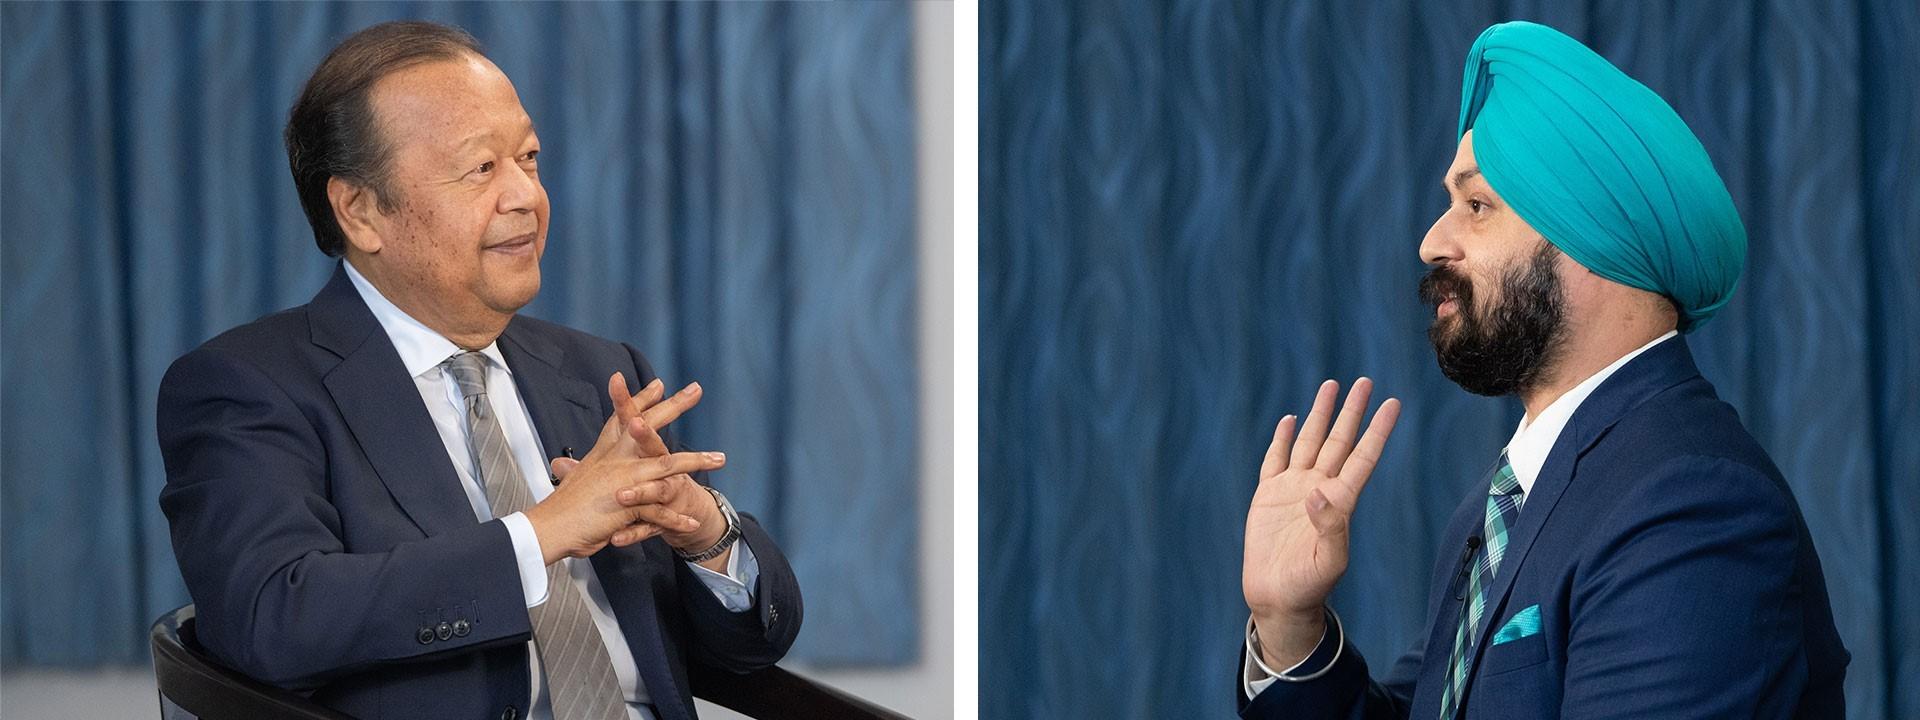 संवाद : पी.टी.सी. न्यूज के साथ (PTC News Interview) Video